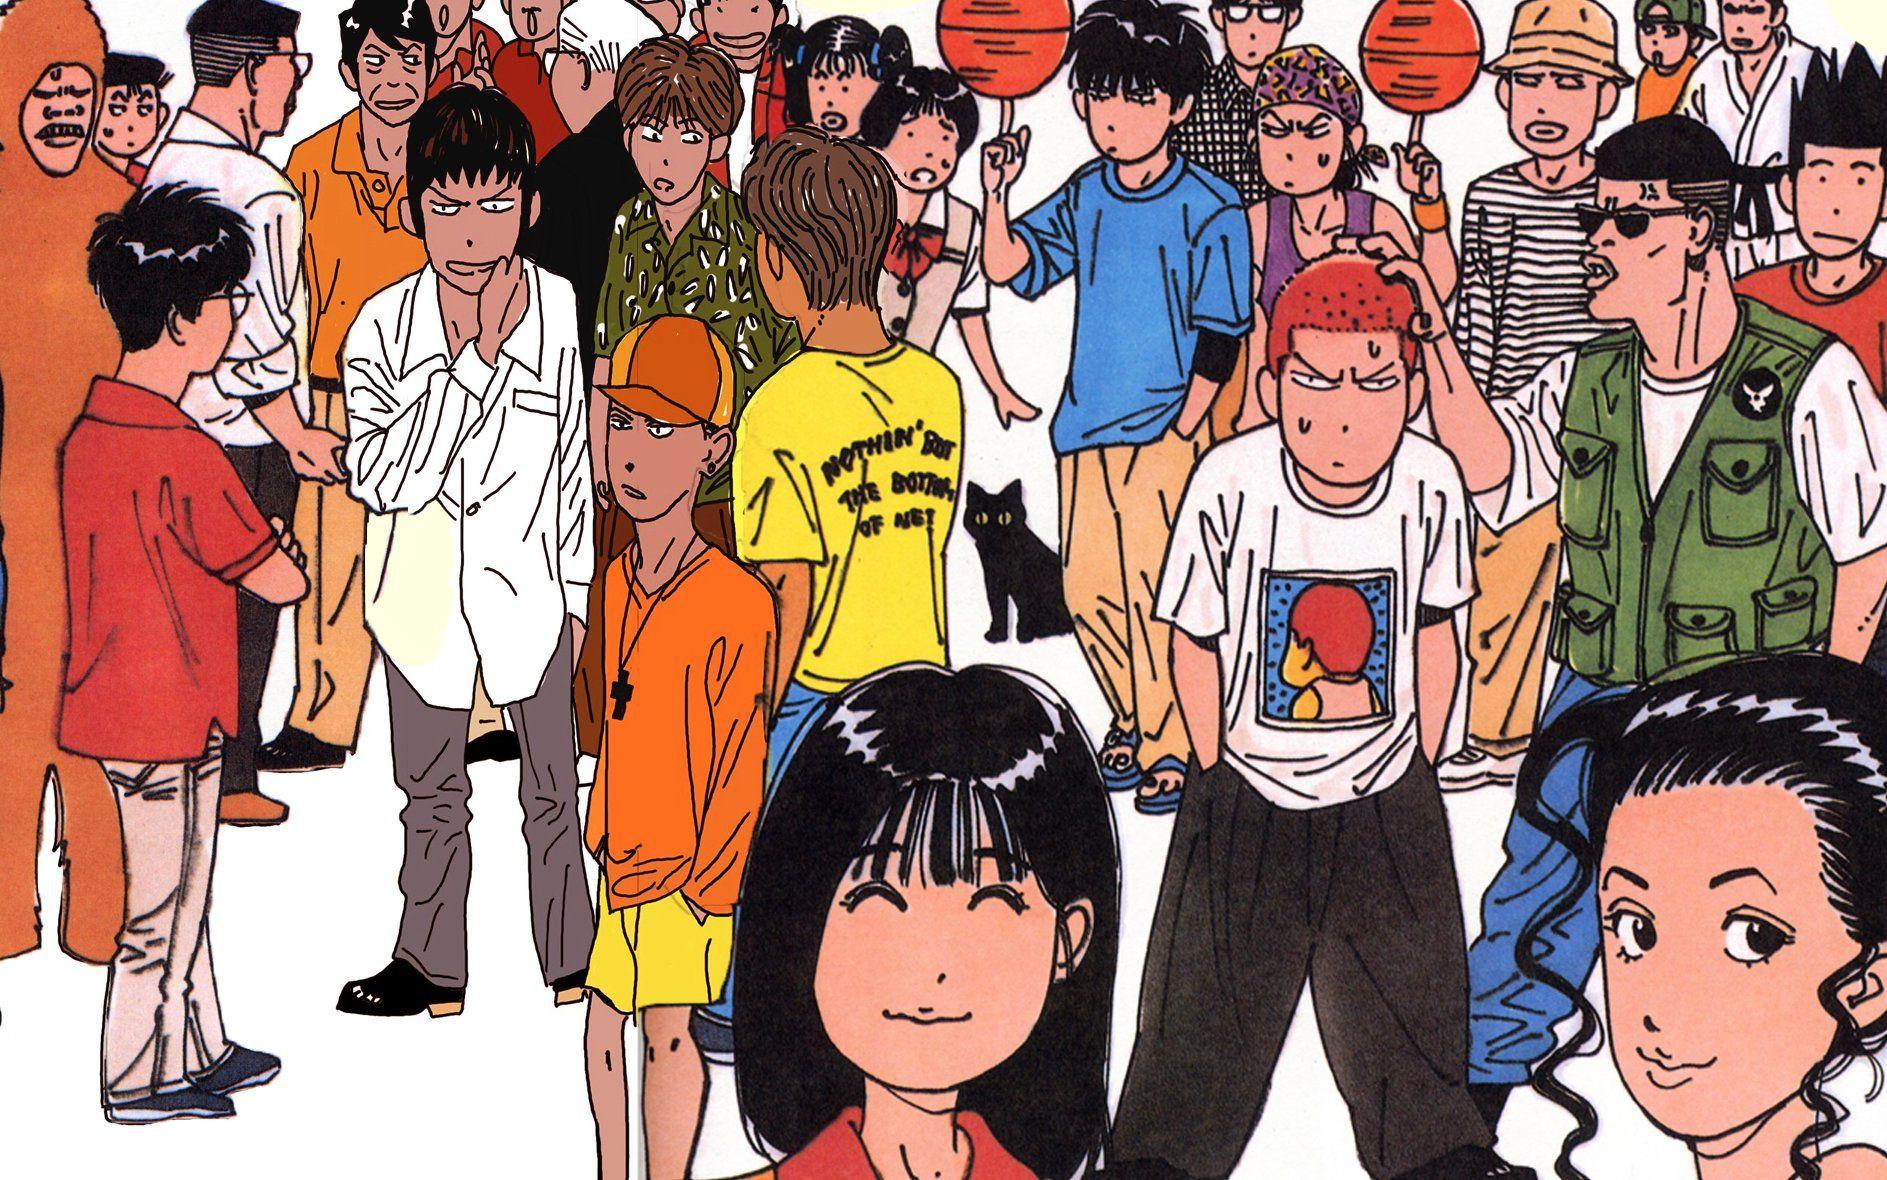 INOUE 先生 on Twitter in 2020 Slam dunk anime, Basketball